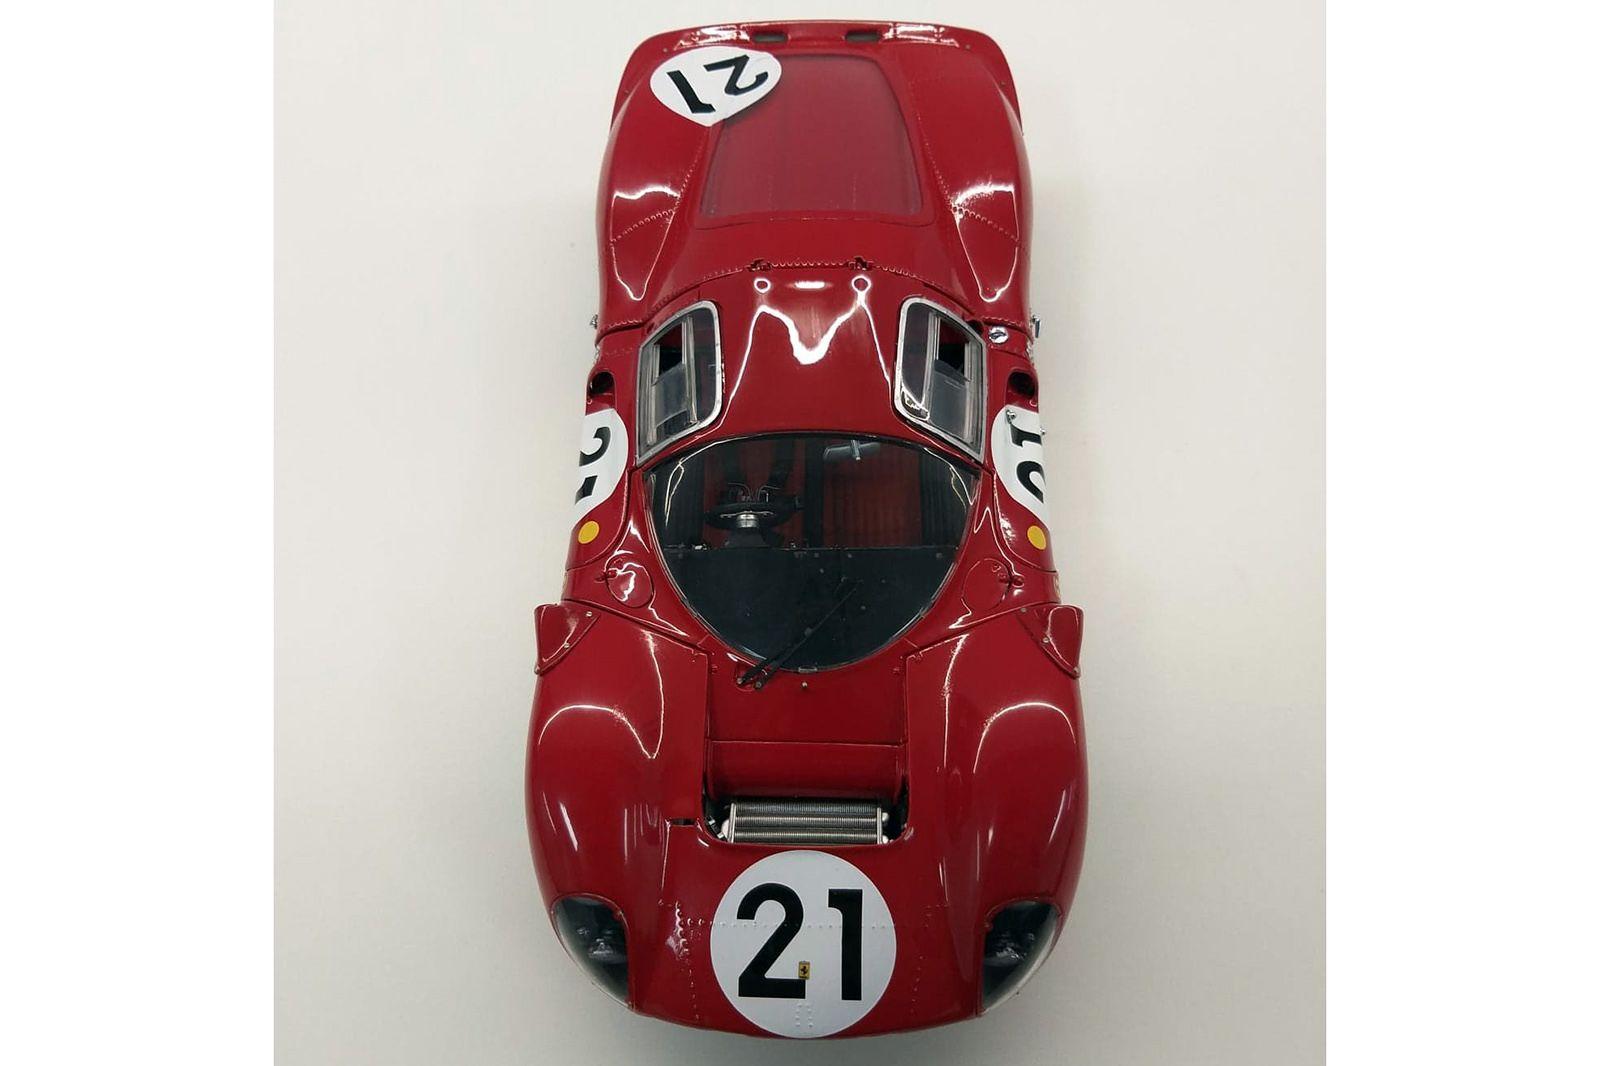 GMP Ferrari 330 1:18 Scale